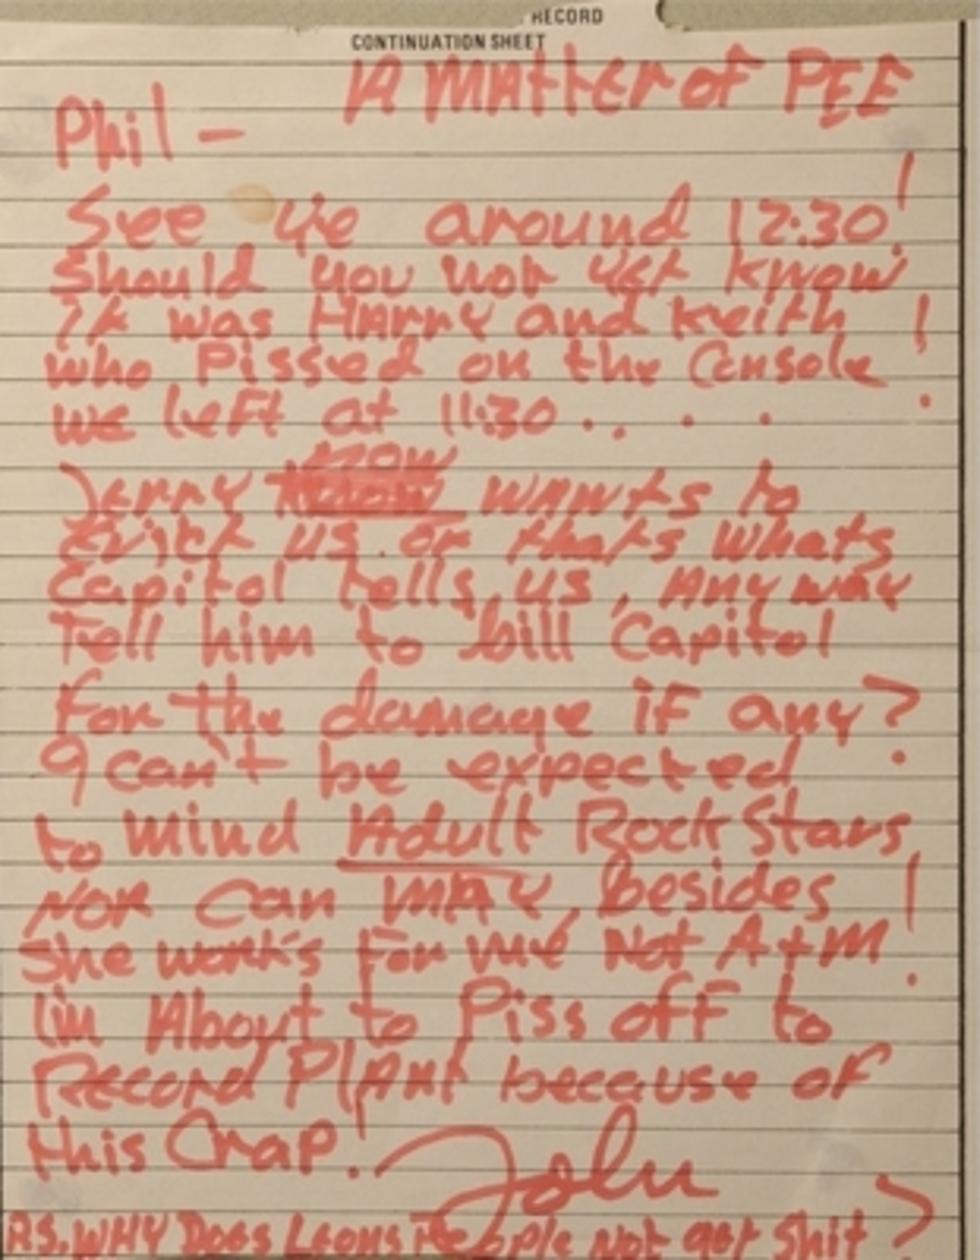 John Lennon Letter to Phil Spector Going Up For Auction